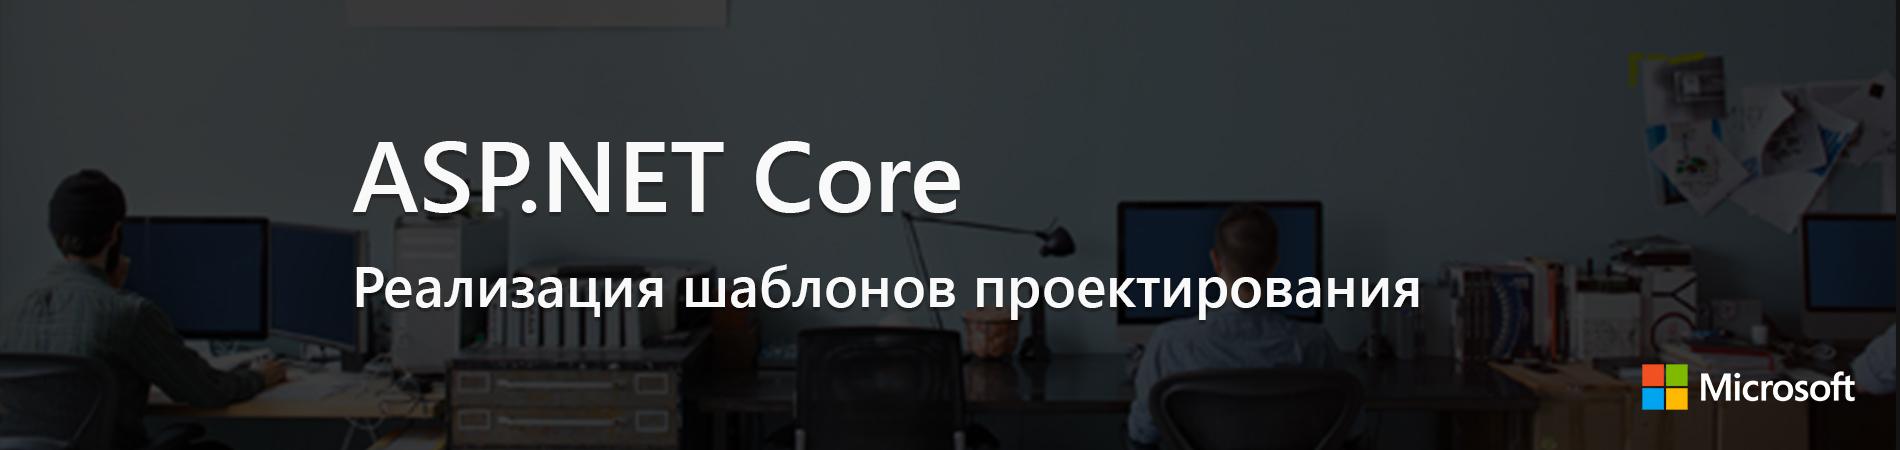 ASP.NET Core: Реализация шаблонов проектирования